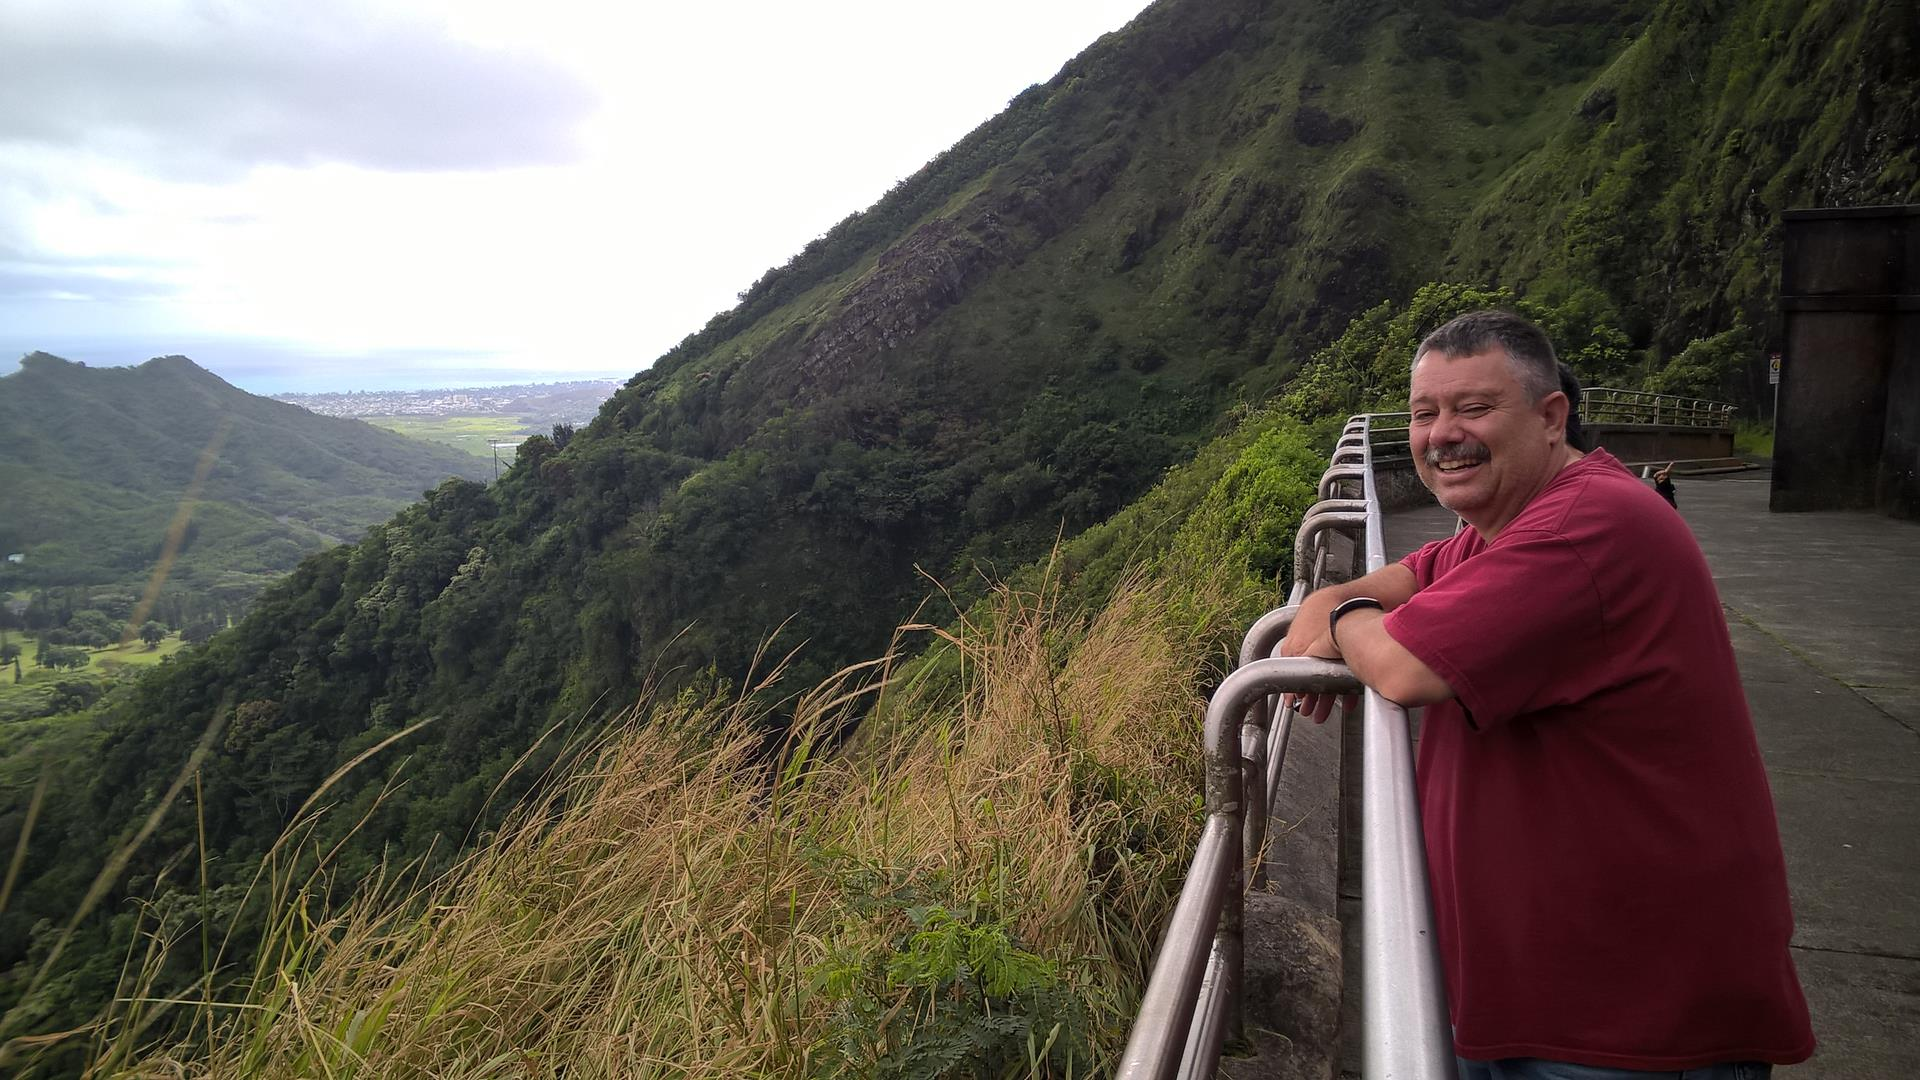 Mein Touristenführer für den Tag: Roger